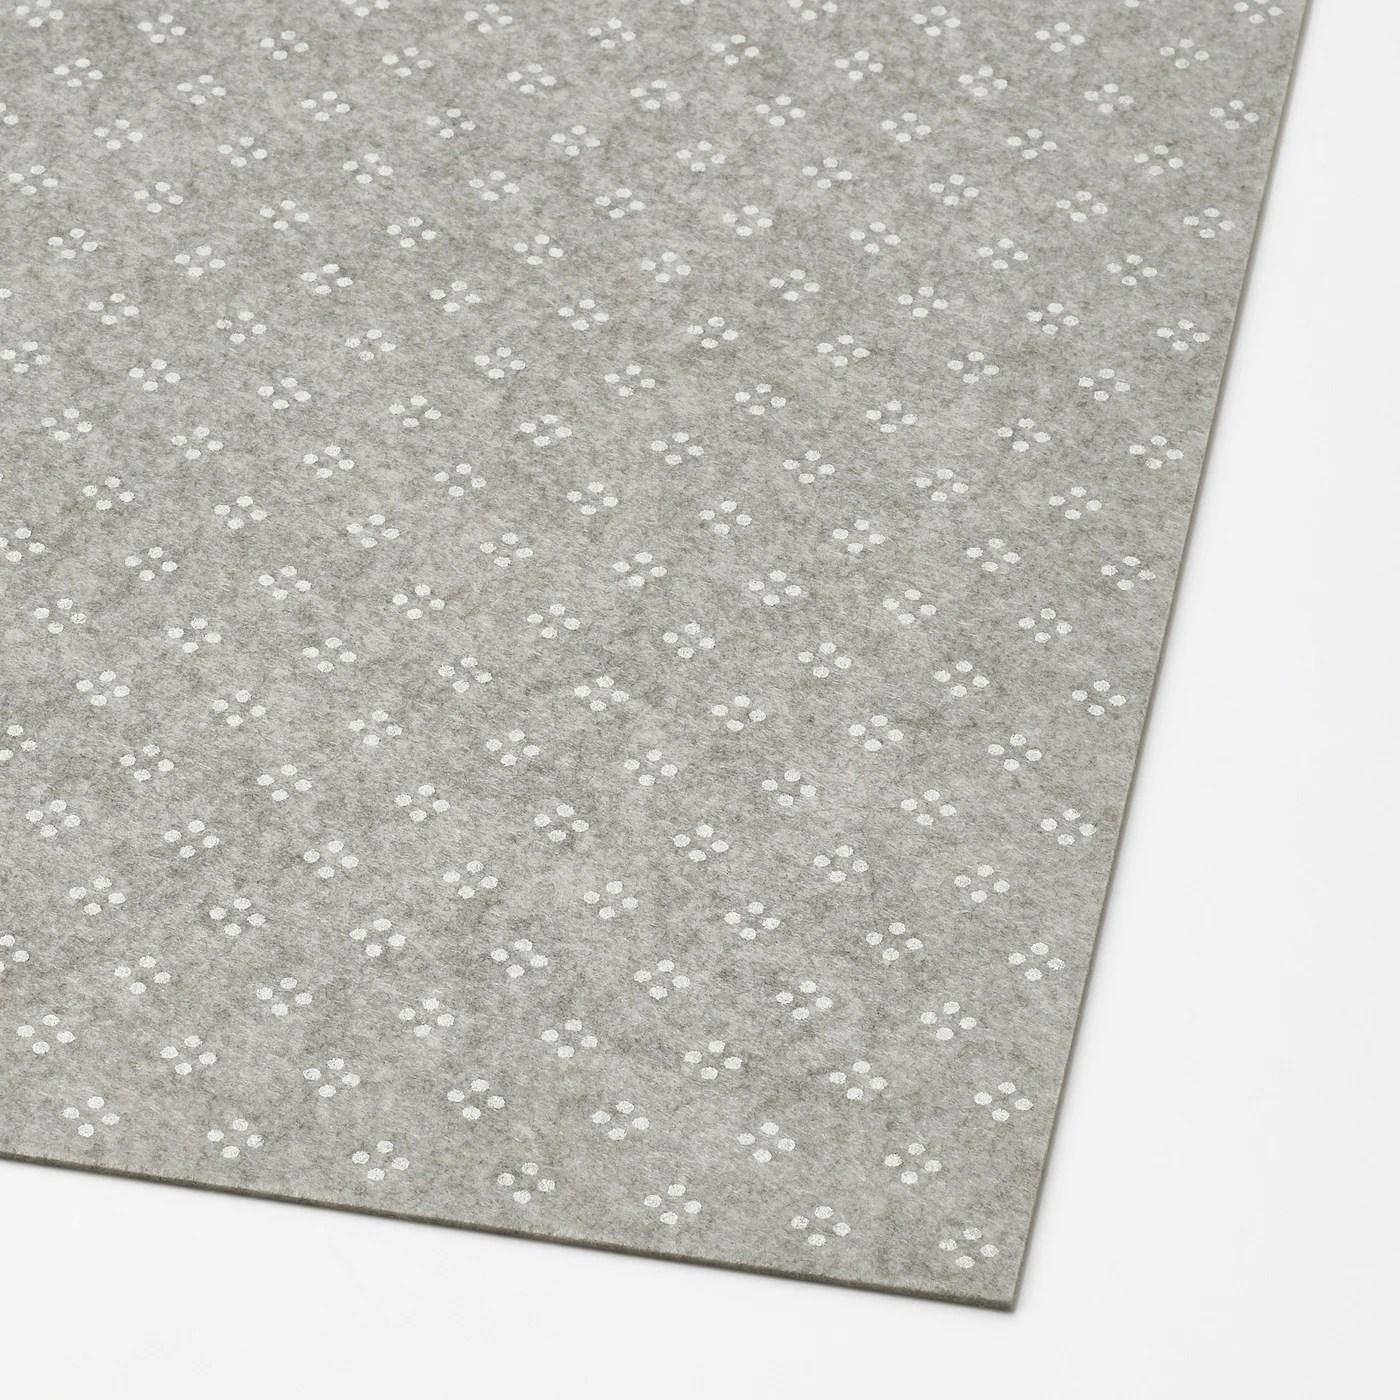 komplement tapis de tiroir gris clair a motifs 35x11 3 4 90x30 cm